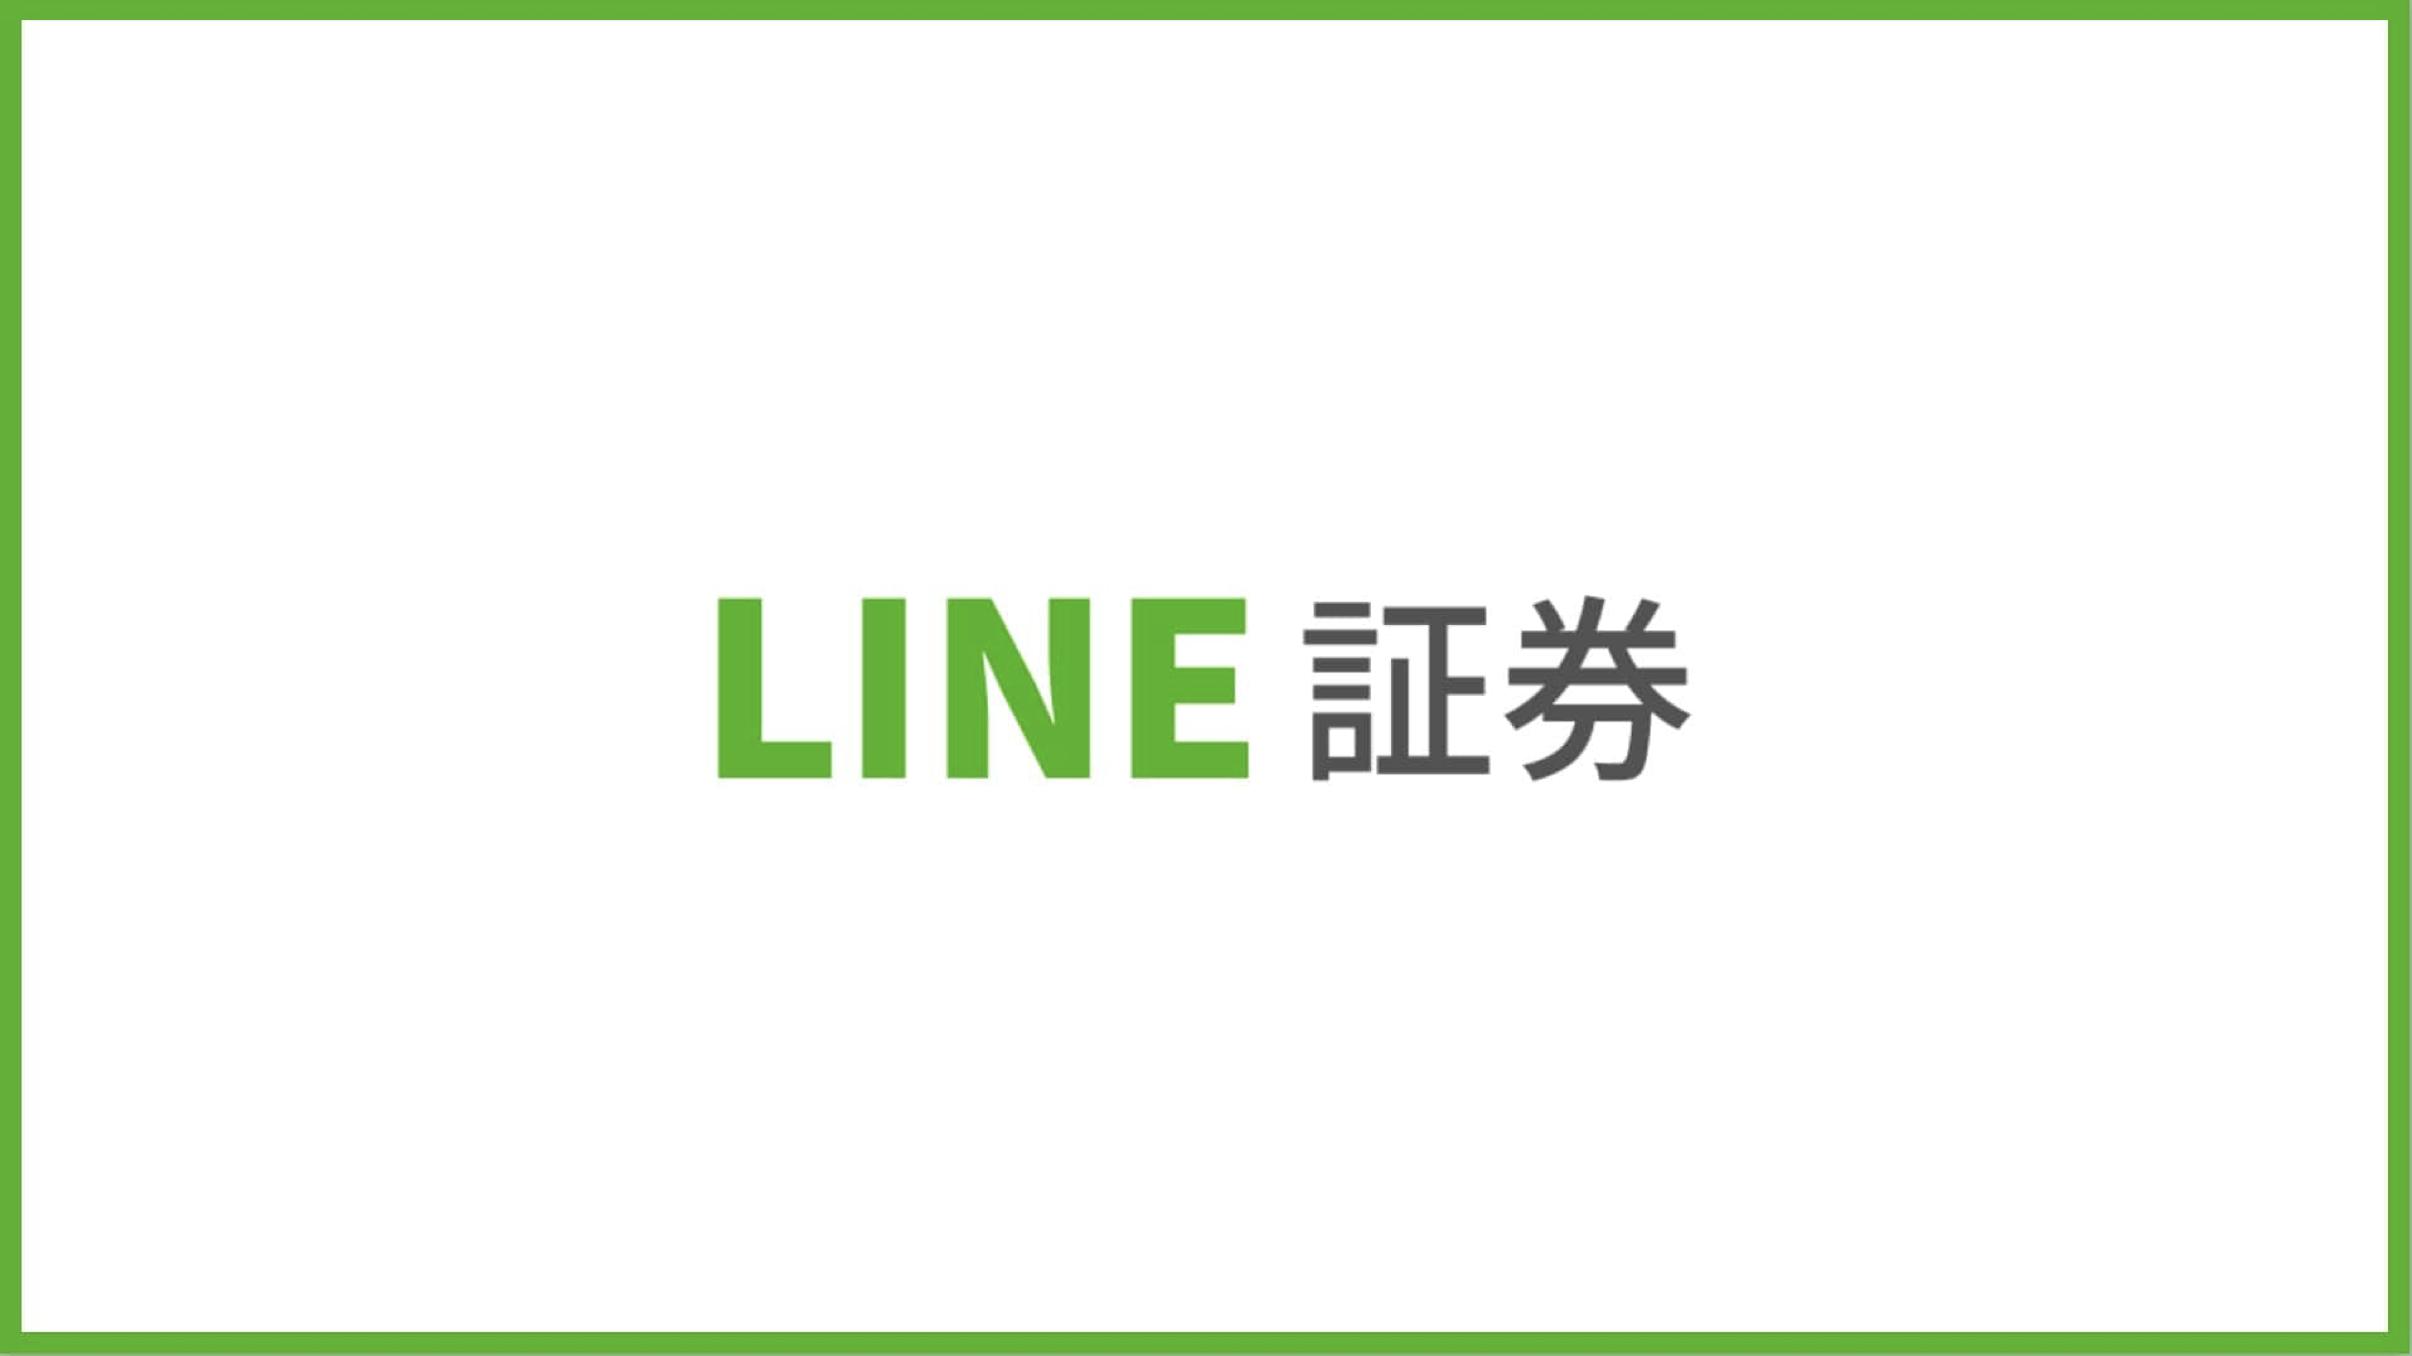 LINE証券の口座開設 無職の方の職業情報入力方法